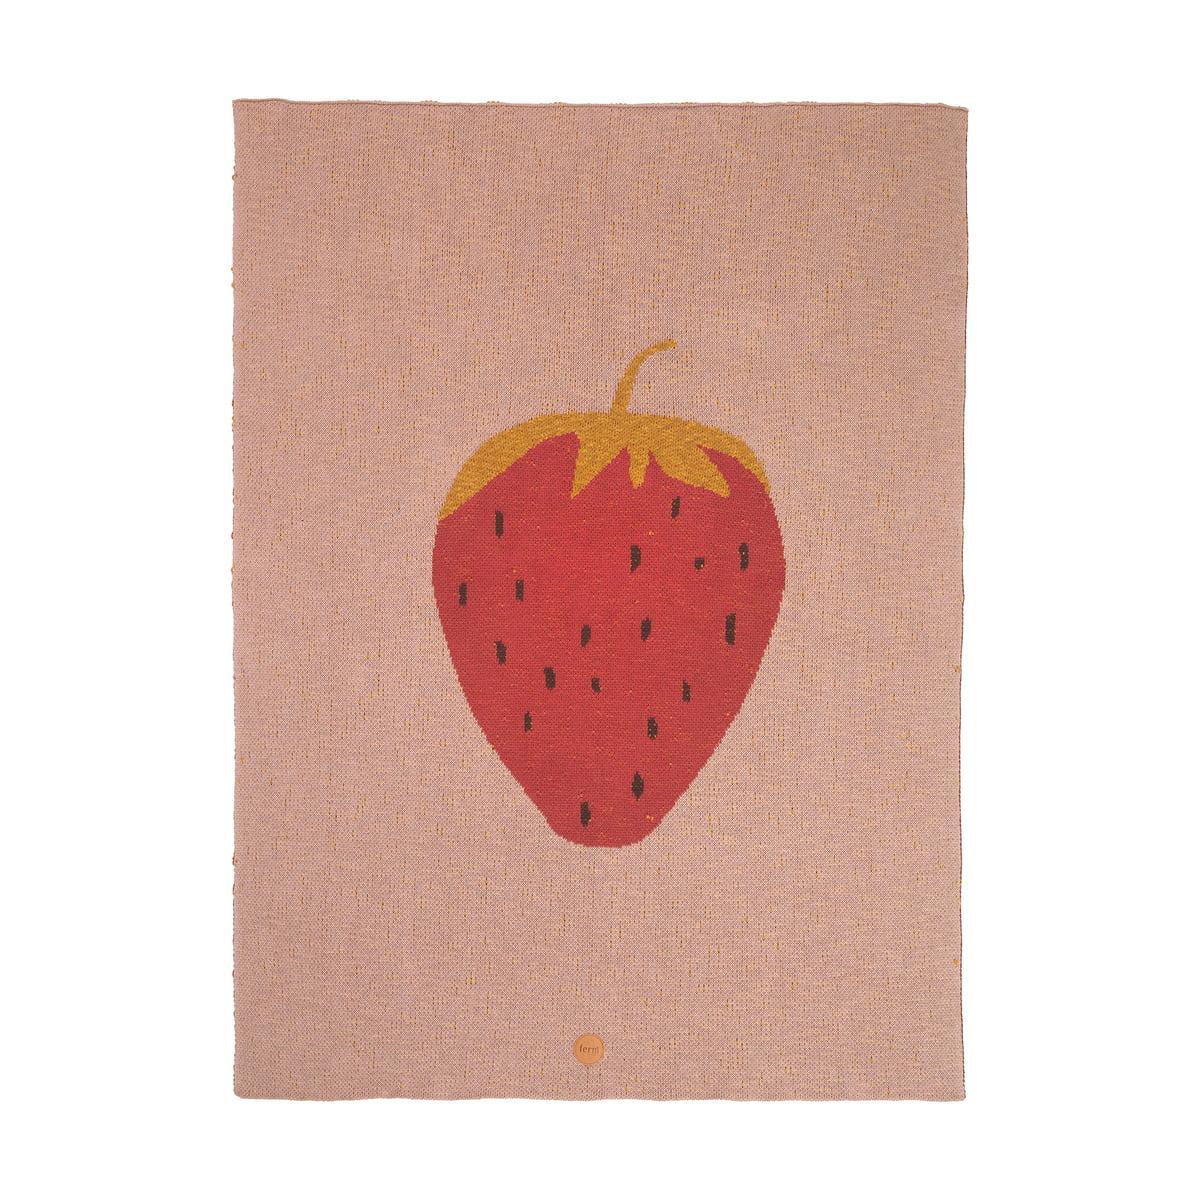 ferm Living - Fruiticana Kinderdecke, 80 x 100 cm, Erdbeere   Kinderzimmer > Textilien für Kinder > Kinderbettwäsche   Mehrfarbig   ferm living